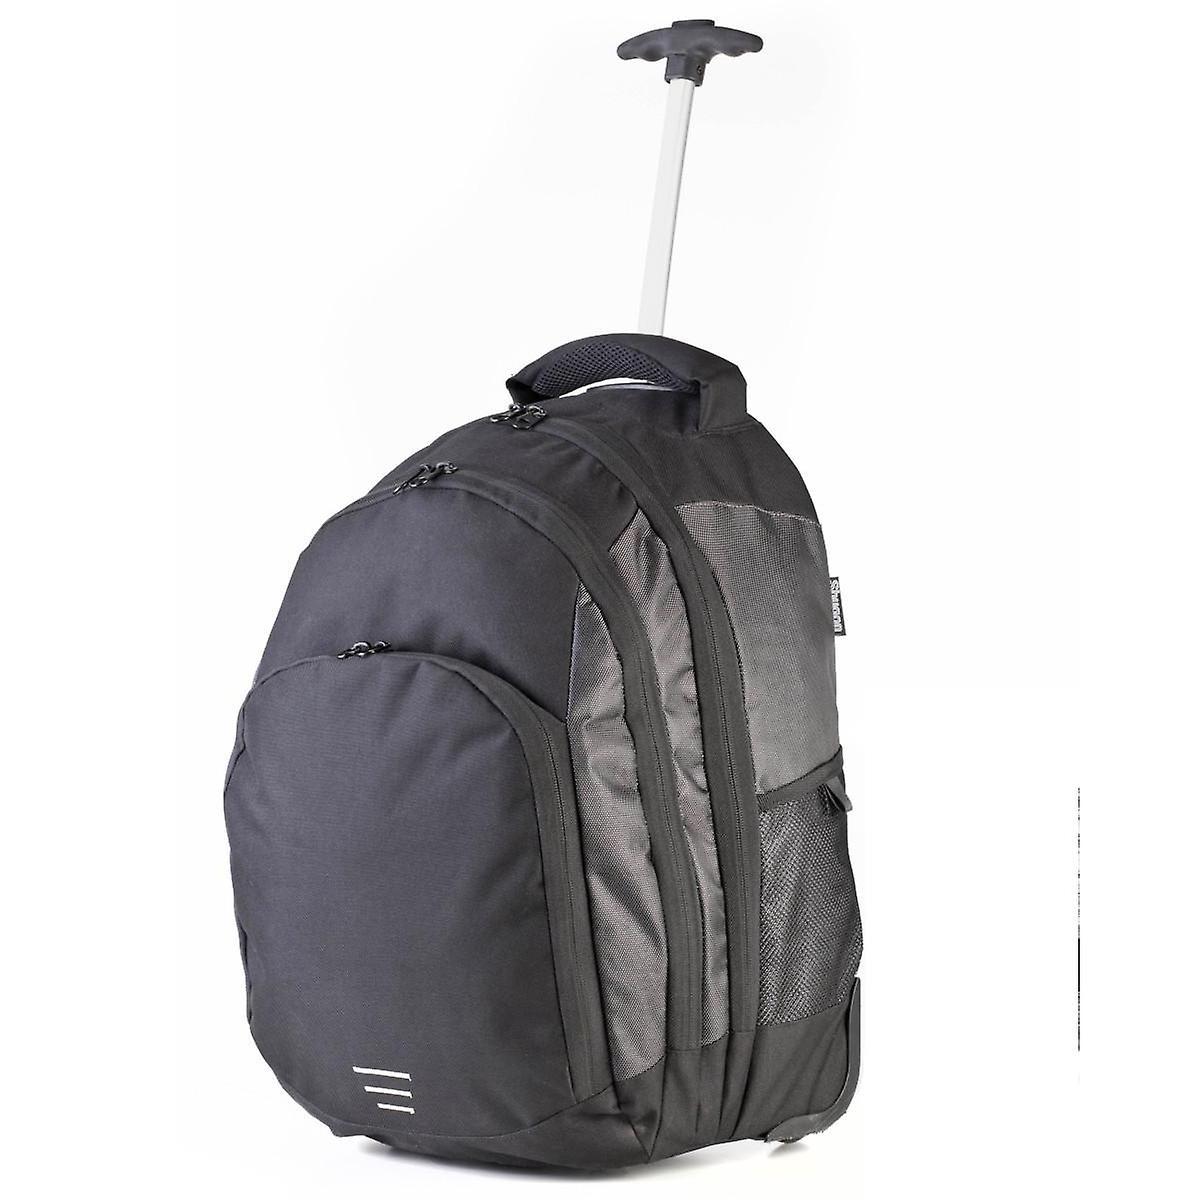 Shugon Carrara II Trolley Backpack